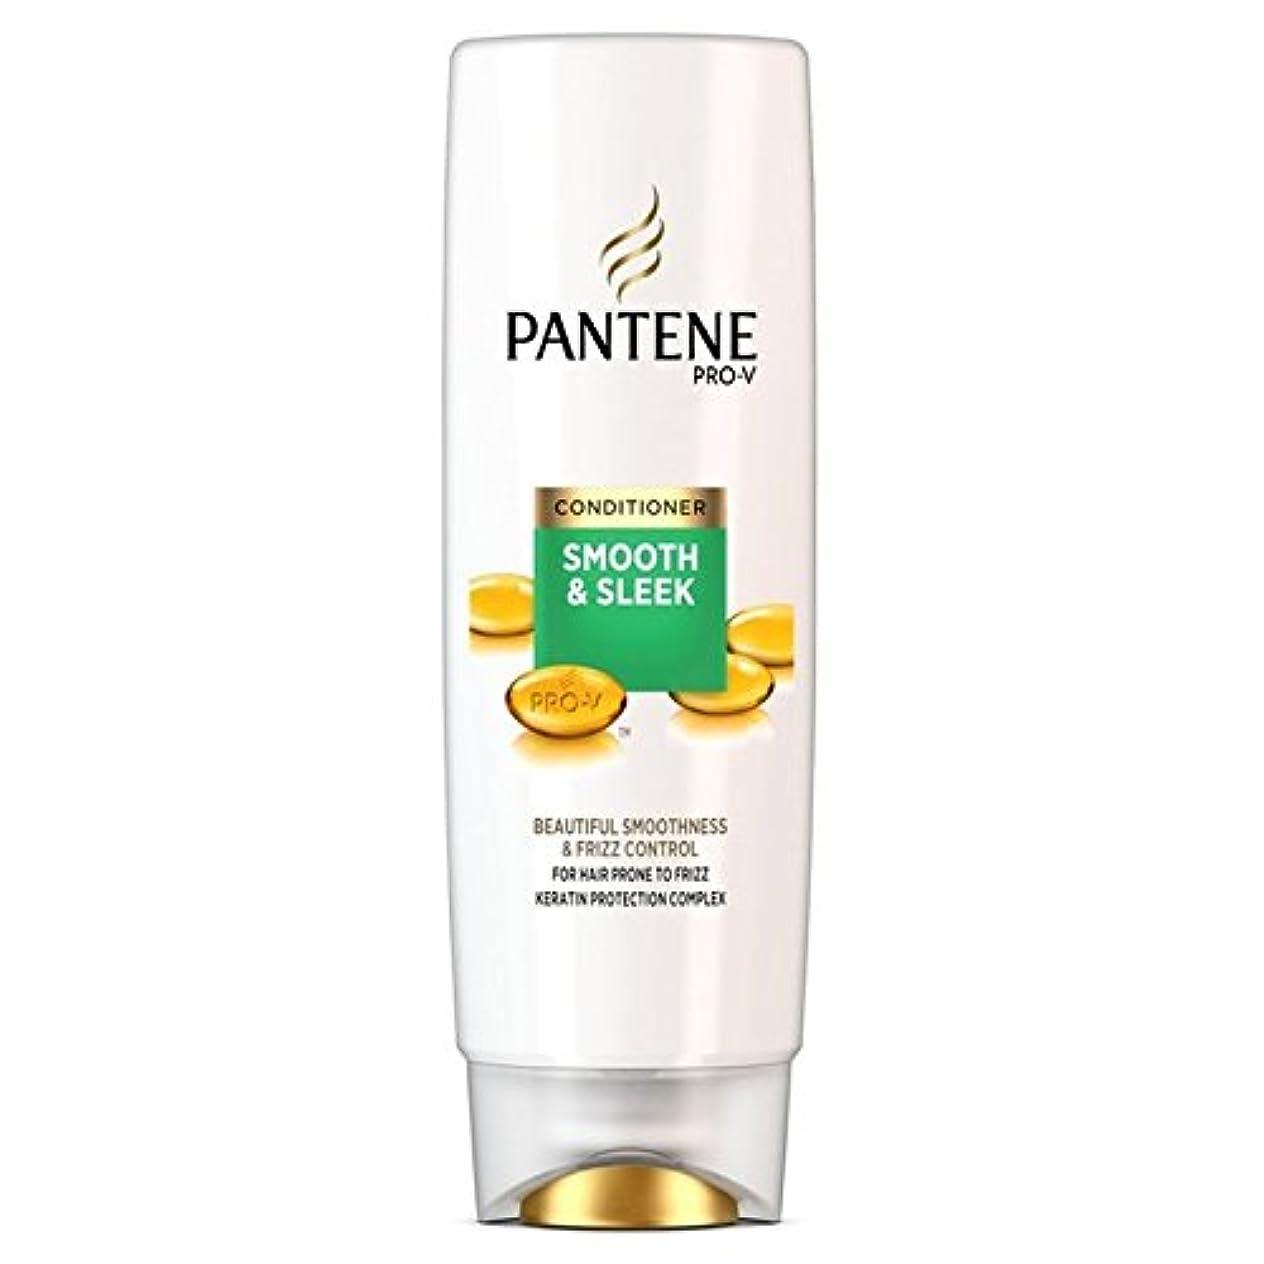 口実誓う祖先Pantene Conditioner Smooth & Sleek For Hair Prone to Frizz 250ml - パンテーンコンディショナースムーズ&縮れ250ミリリットルを受けやすい髪になめらかな...